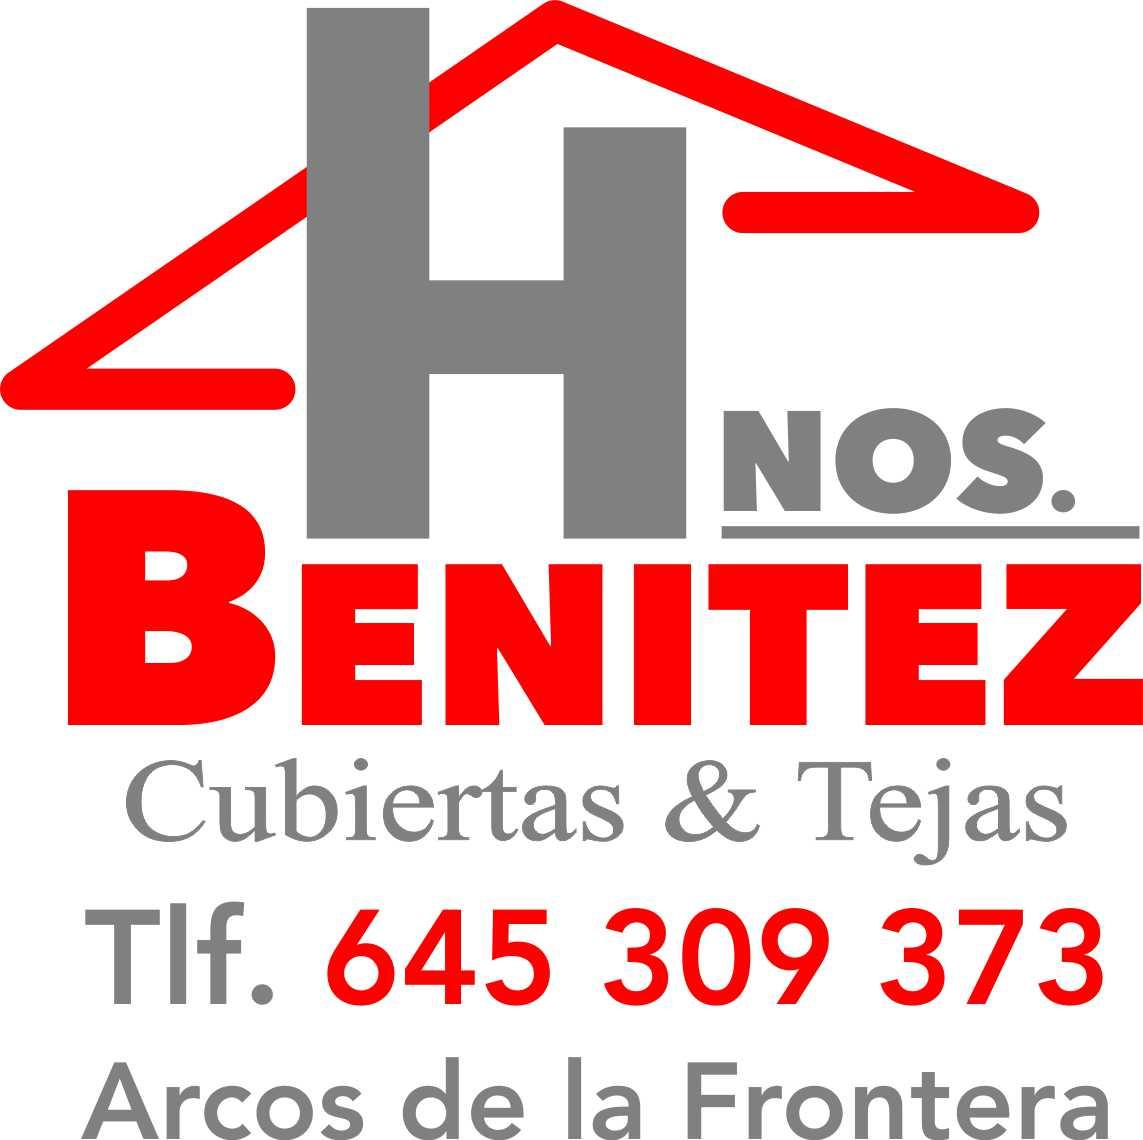 CUBIERTAS Y TEJAS HNOS. BENITEZ